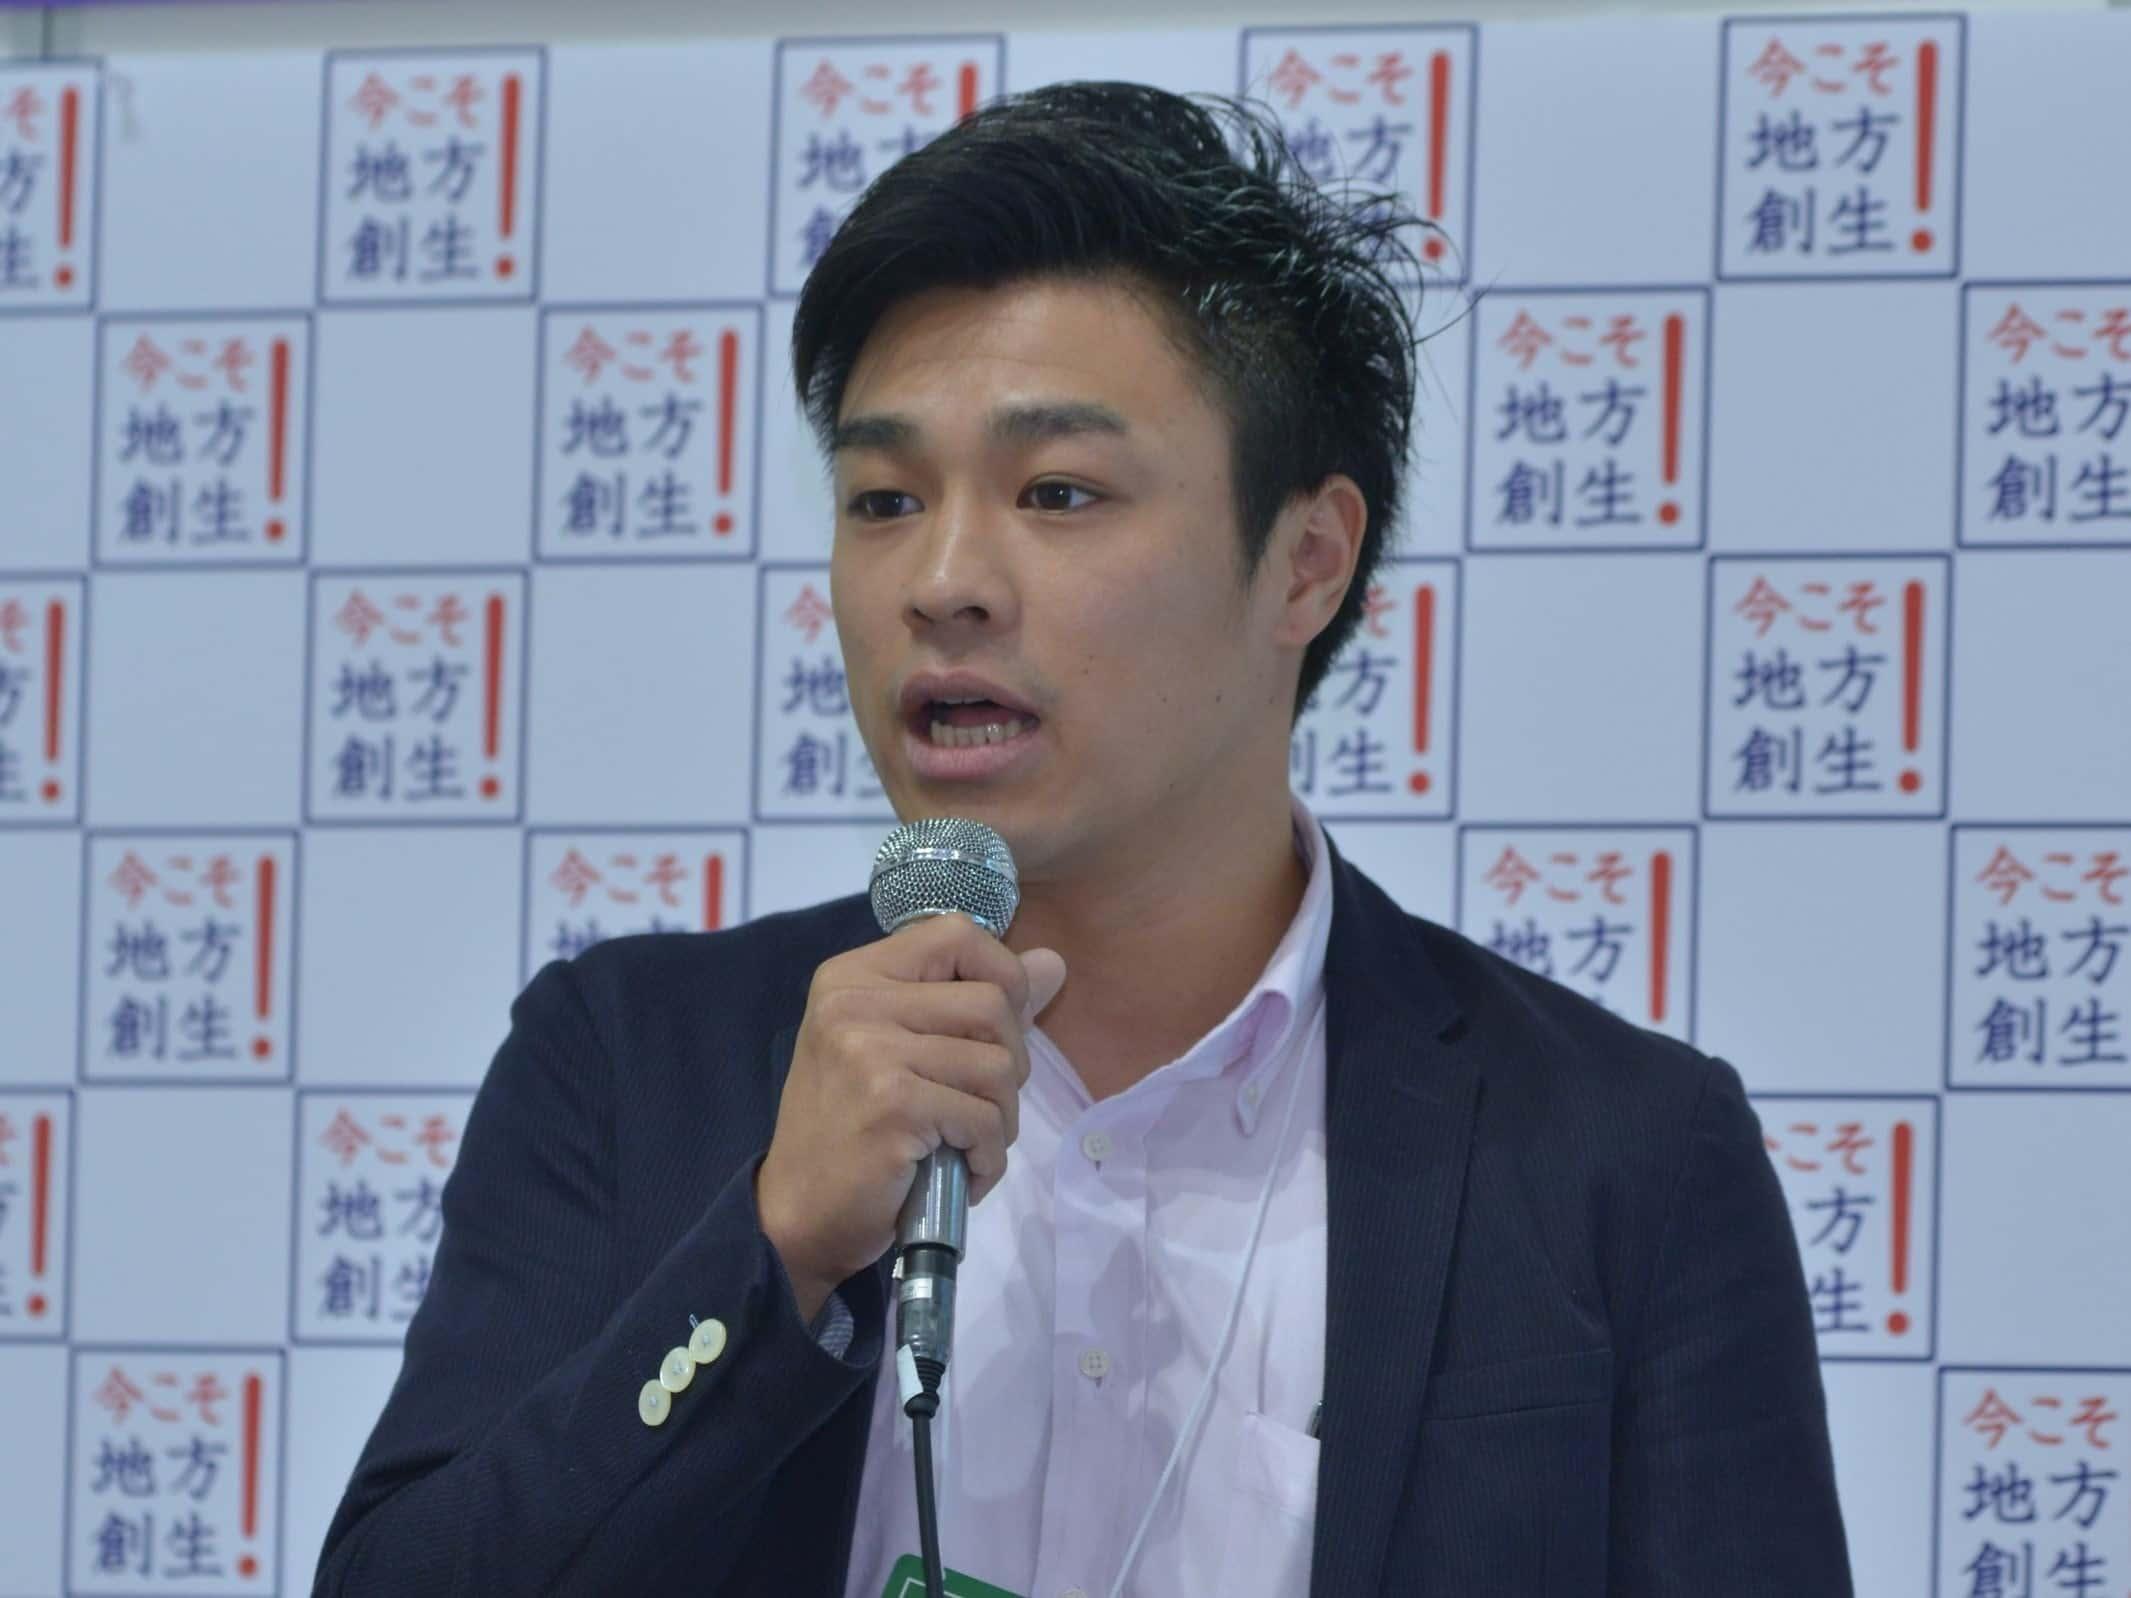 【岐阜県】NPO法人G-netの田中 勲です!